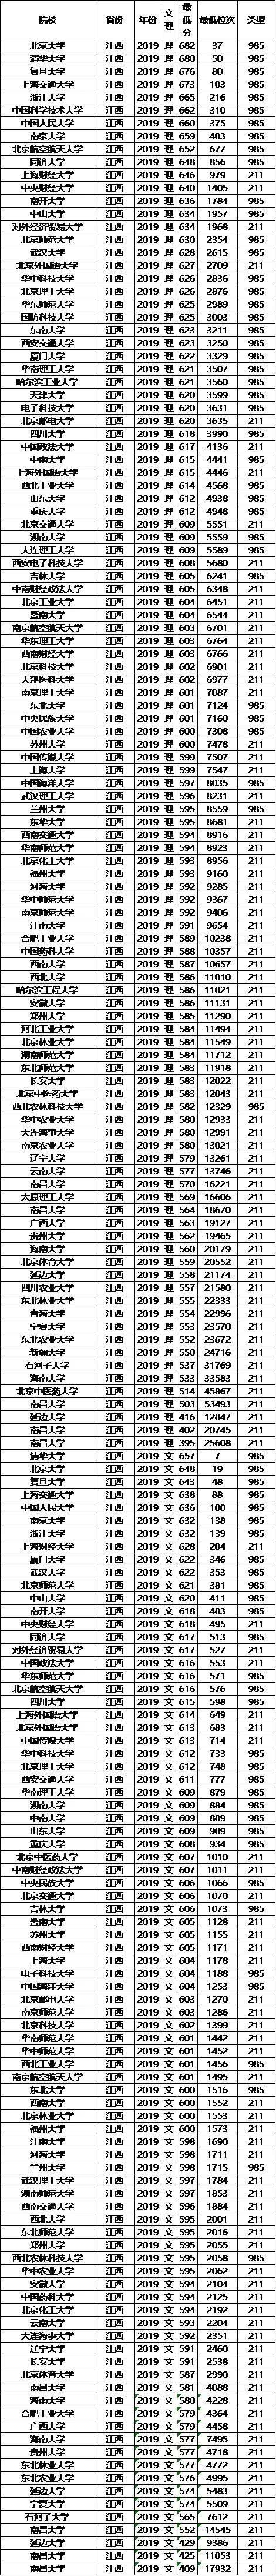 985/211大学2019年江西录取分数线及位次排名